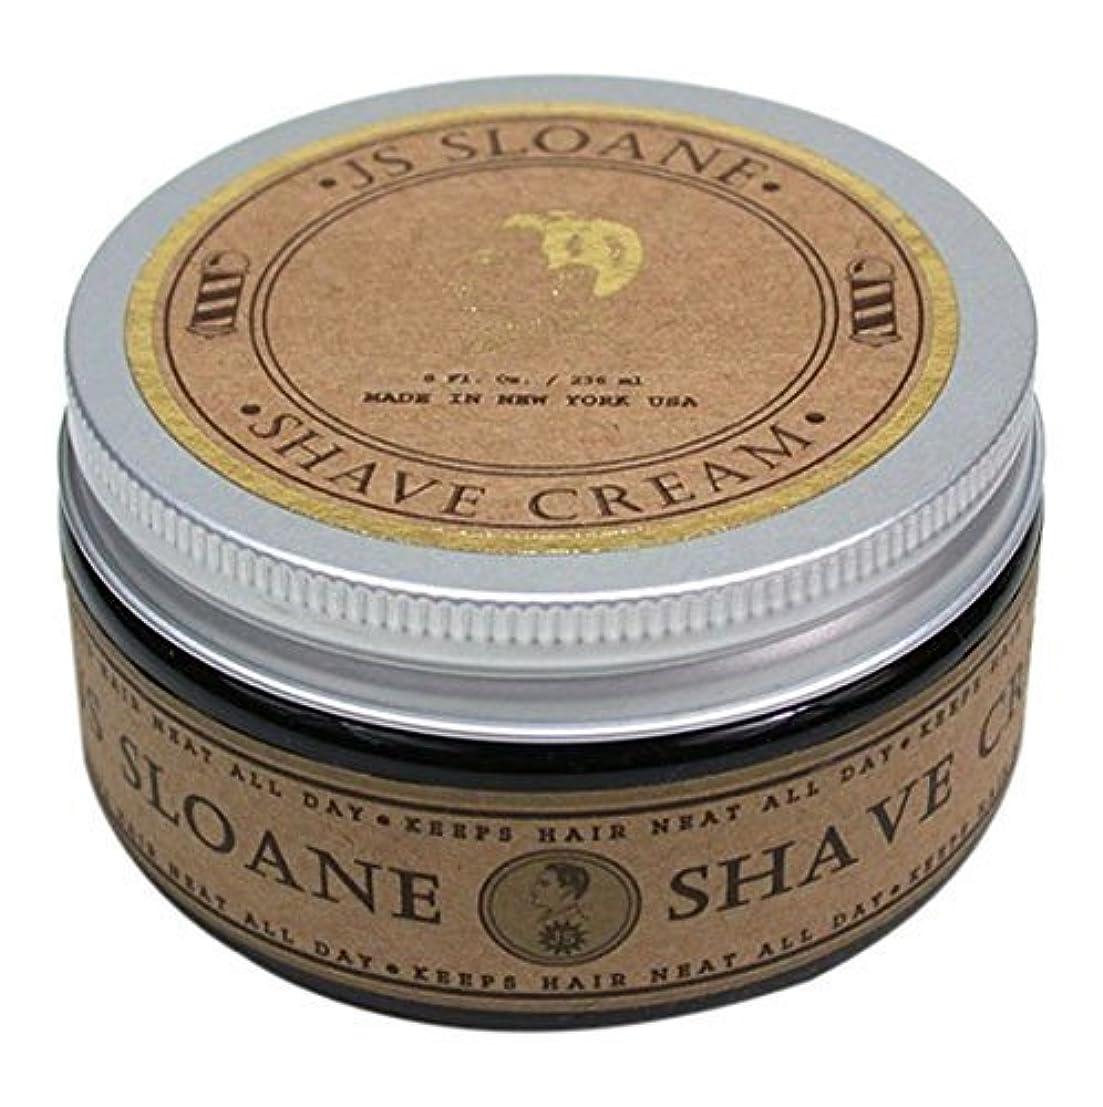 百年助けになる会社JS Sloane ジェントルマンズ シェーブクリーム / Gentlemen's Shave Cream , 8oz (236mL)